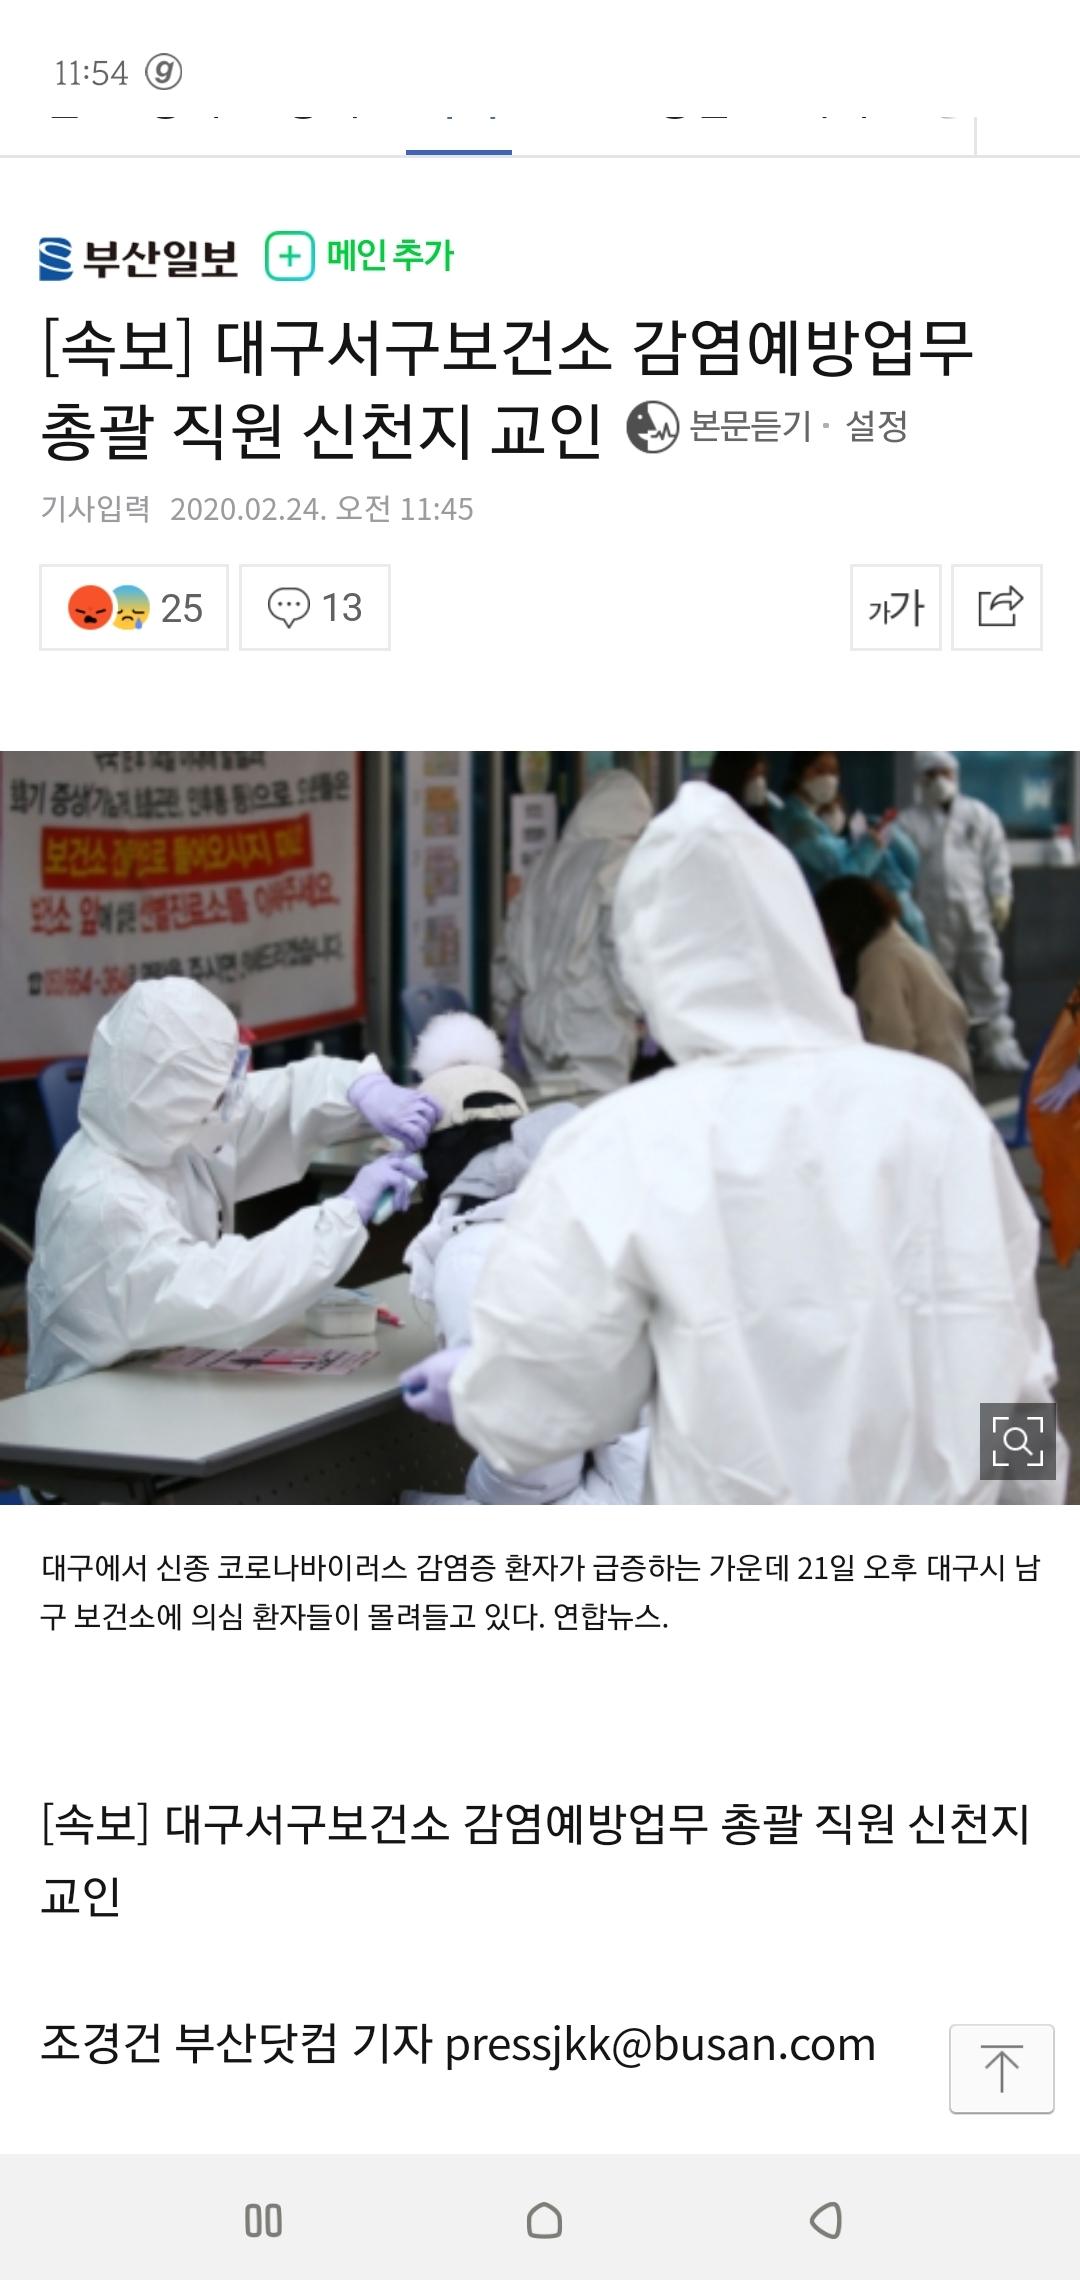 대구서구보건소 감염예방업무 총괄 직원 신천지 교인